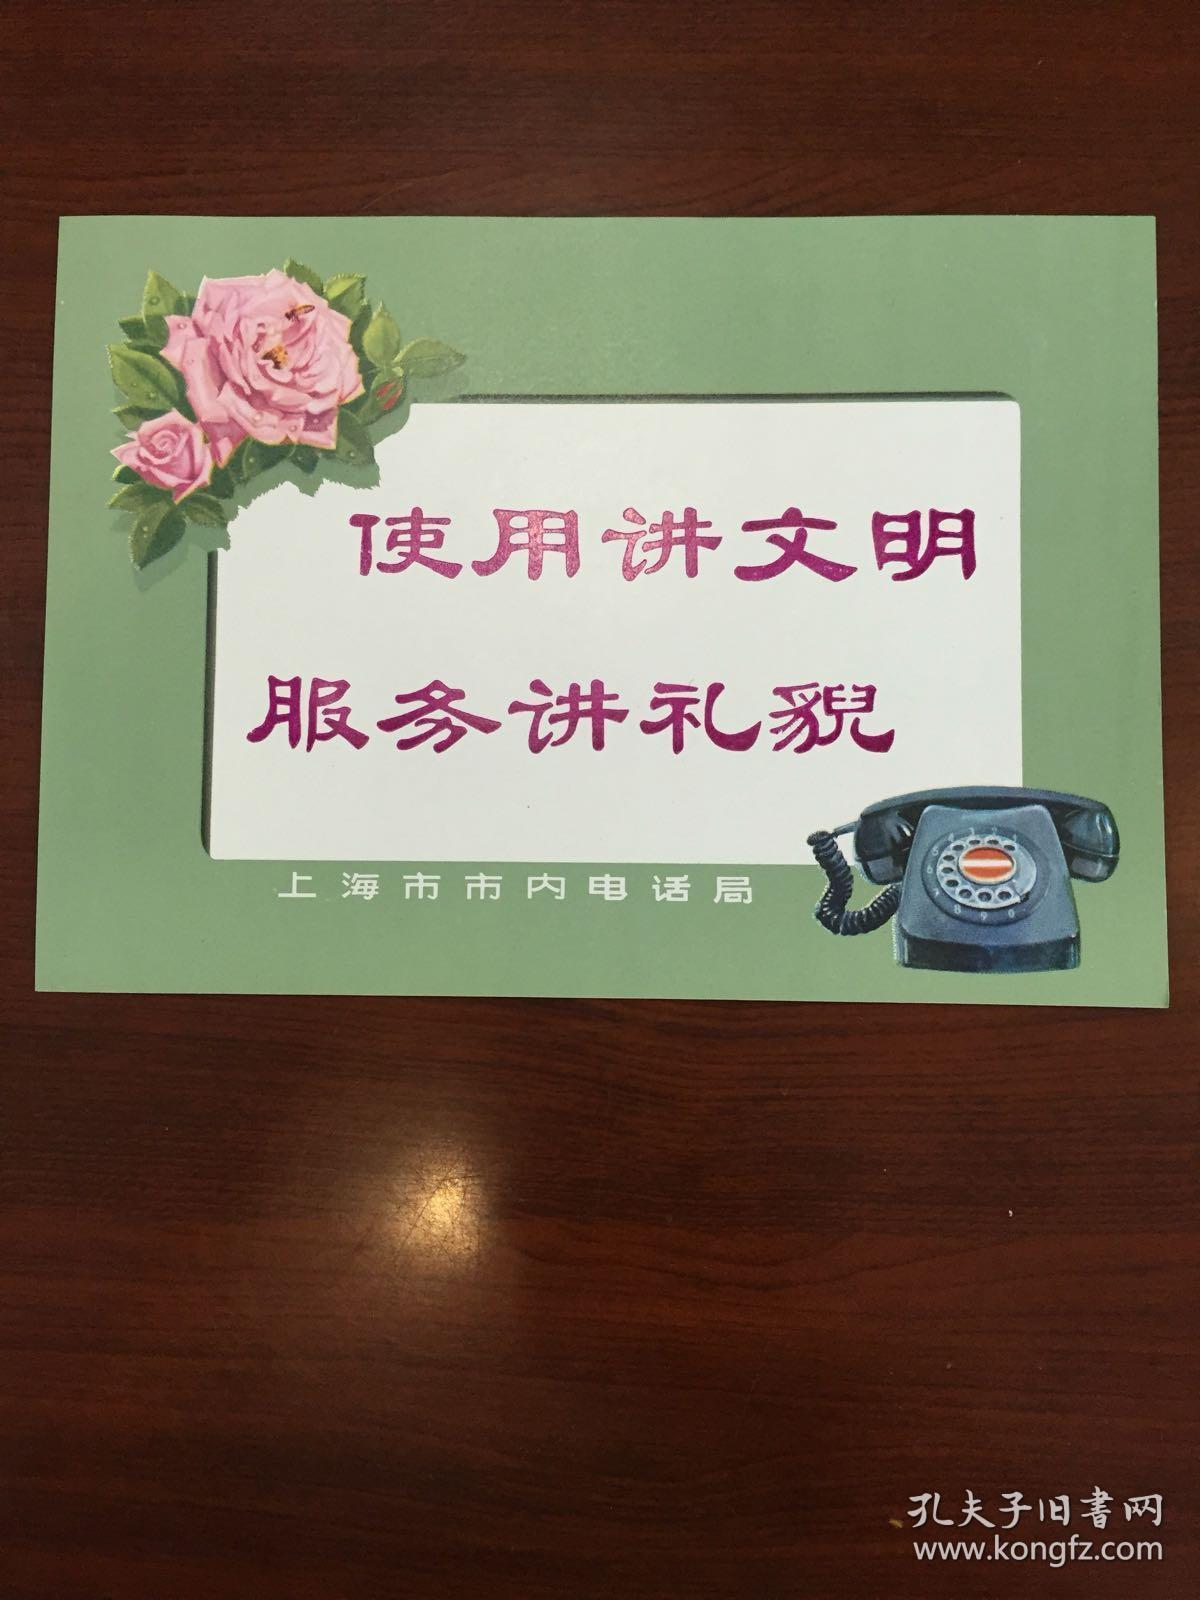 上海市市内电话局